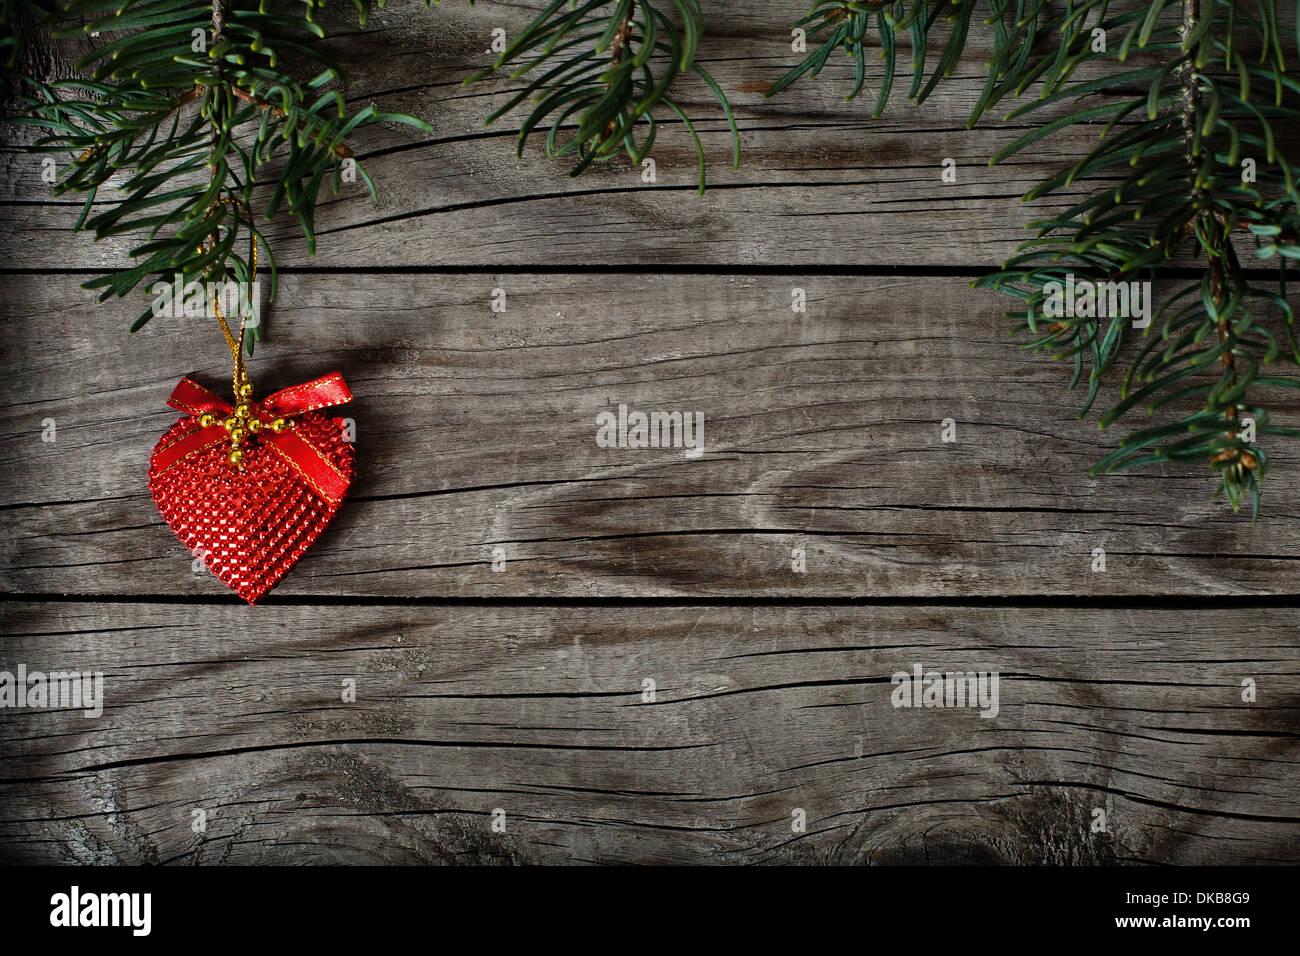 Weihnachts-Dekoration Stockbild